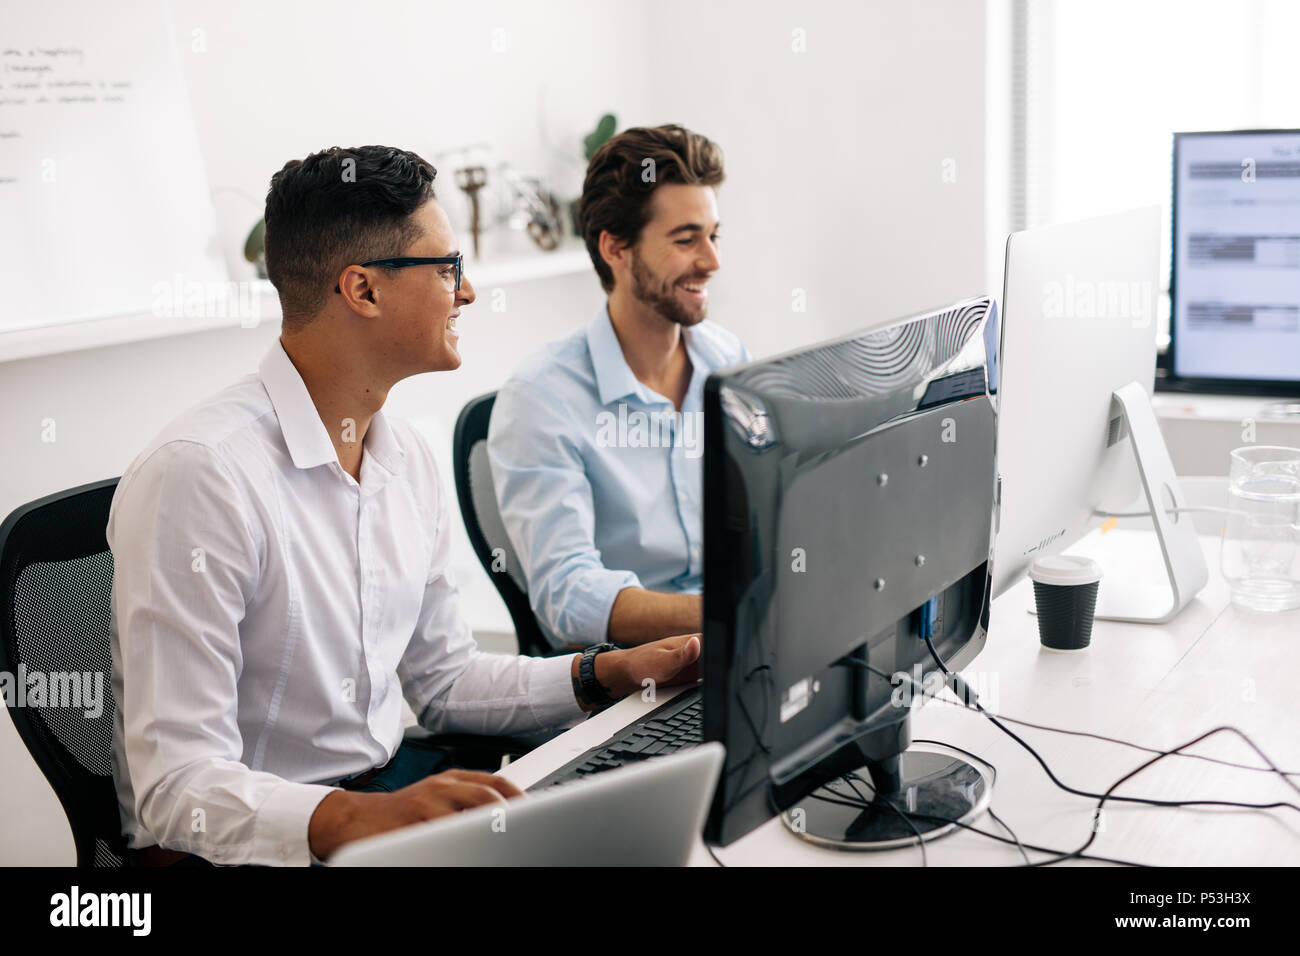 Los desarrolladores de software sentado en la oficina trabajando en equipos. Los desarrolladores de aplicaciones sonriente hablando mientras trabajan en los equipos de oficina. Imagen De Stock